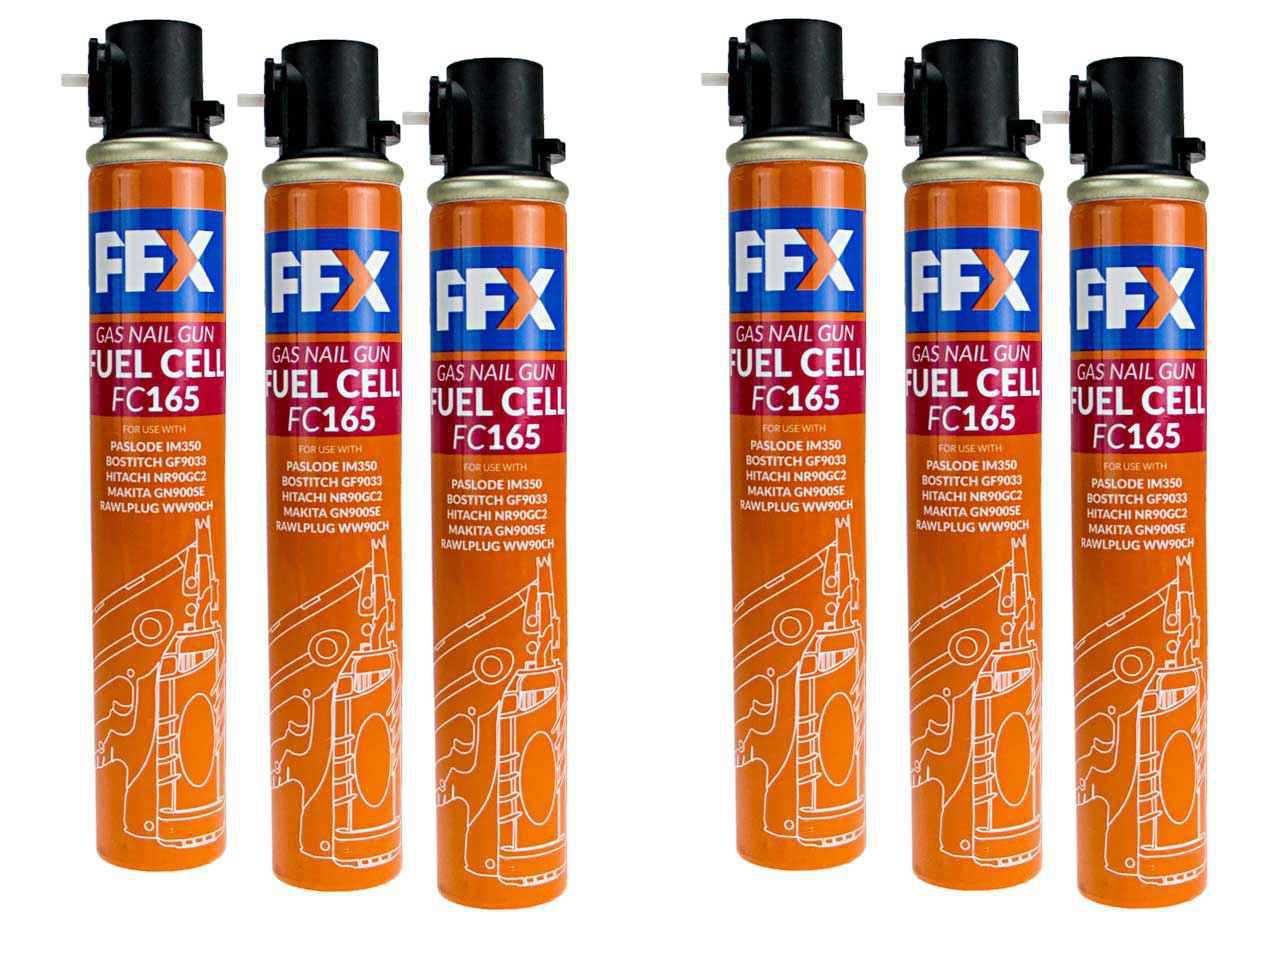 FFX_HH0106800700x6.jpg